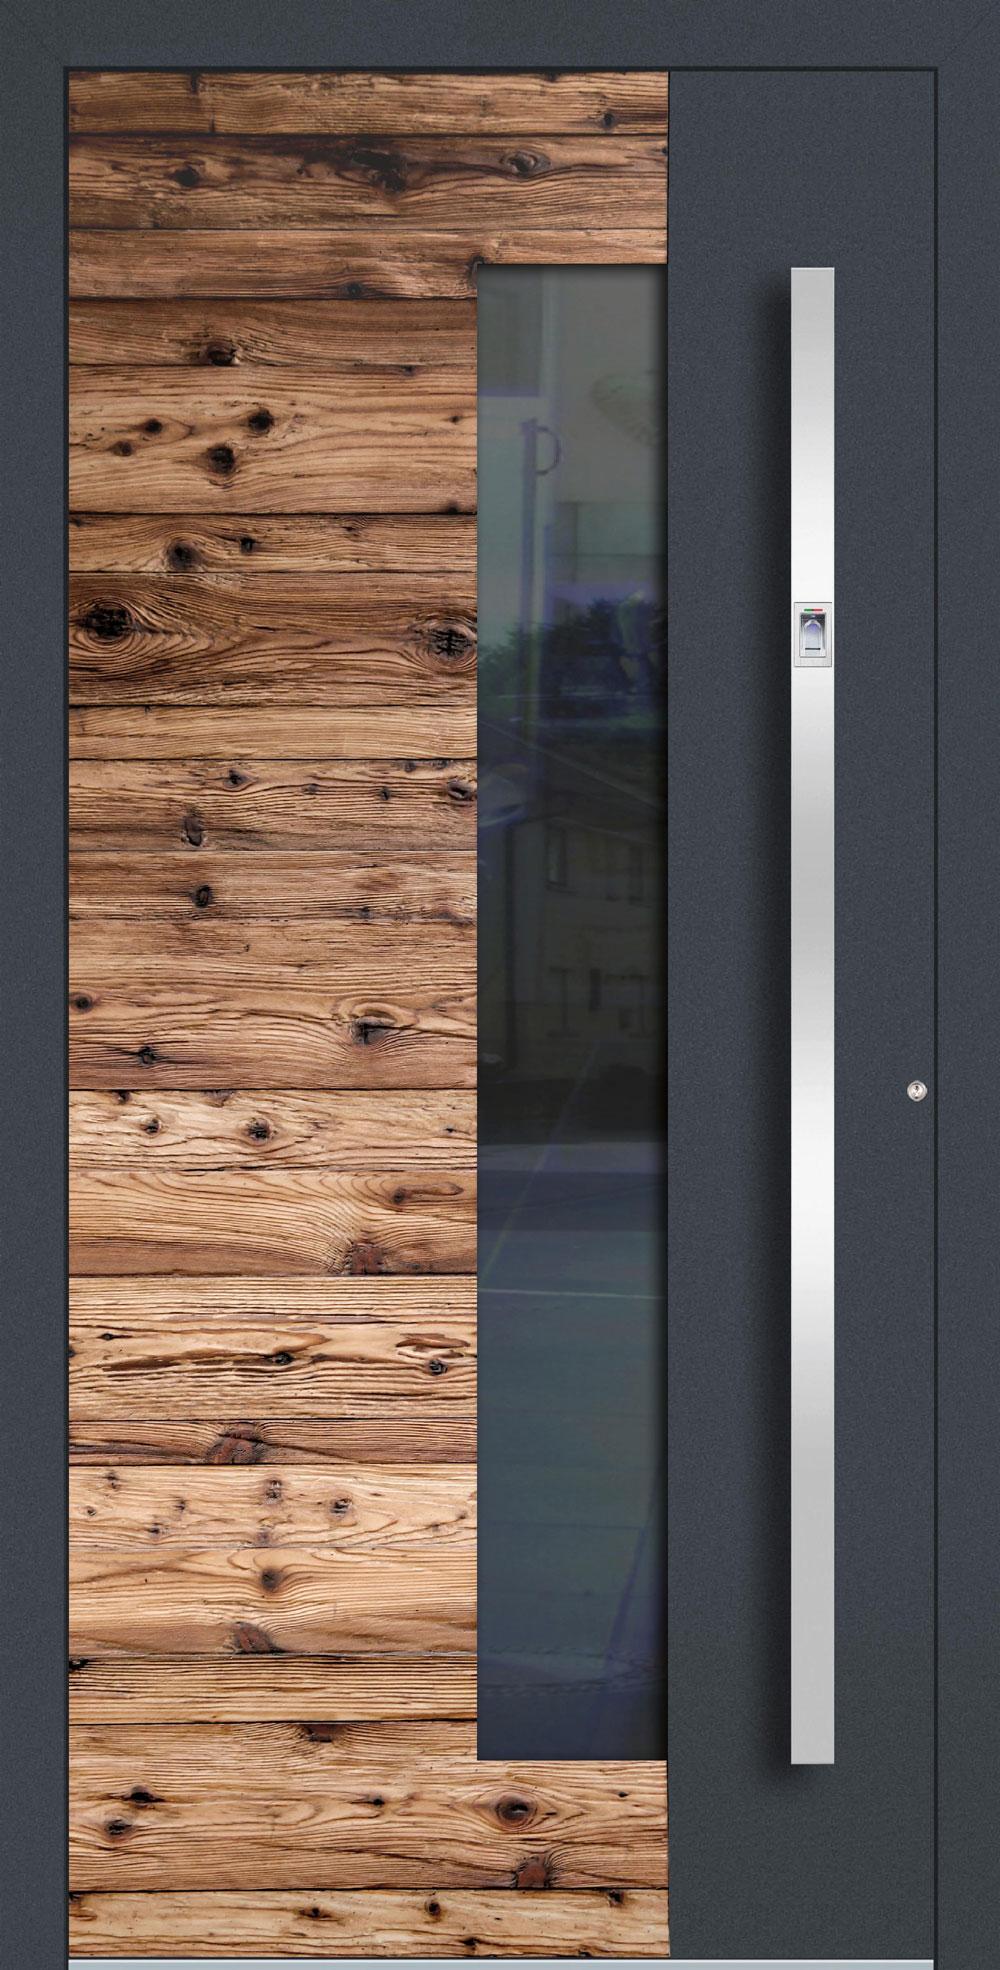 AHBG01 ISO-Wärmeschutzverglasung klar Altholz-Design mit Applikation in RAL 7016 FS einseitig außen Anwendungsbeispiel in flügelüberdeckend, Edelstahlgriff 11090 ES mit integriertem Fingerprint